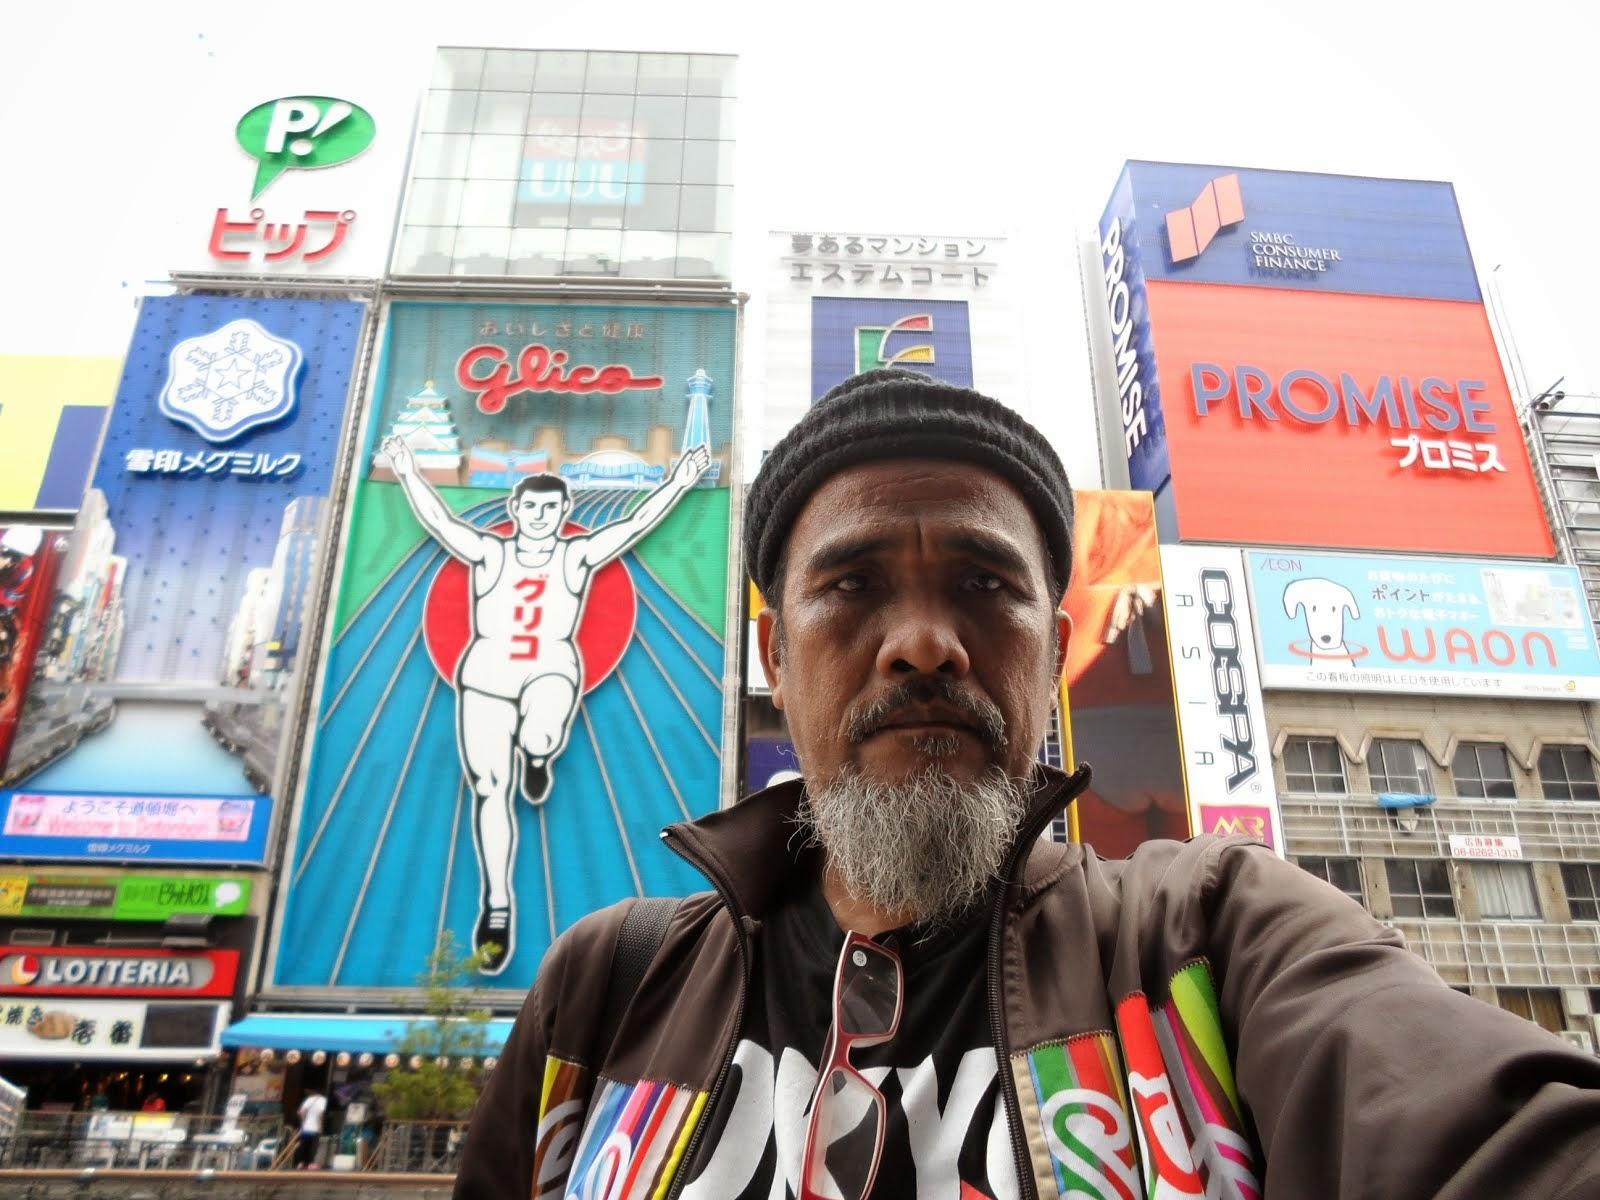 Glico Osaka Jepun